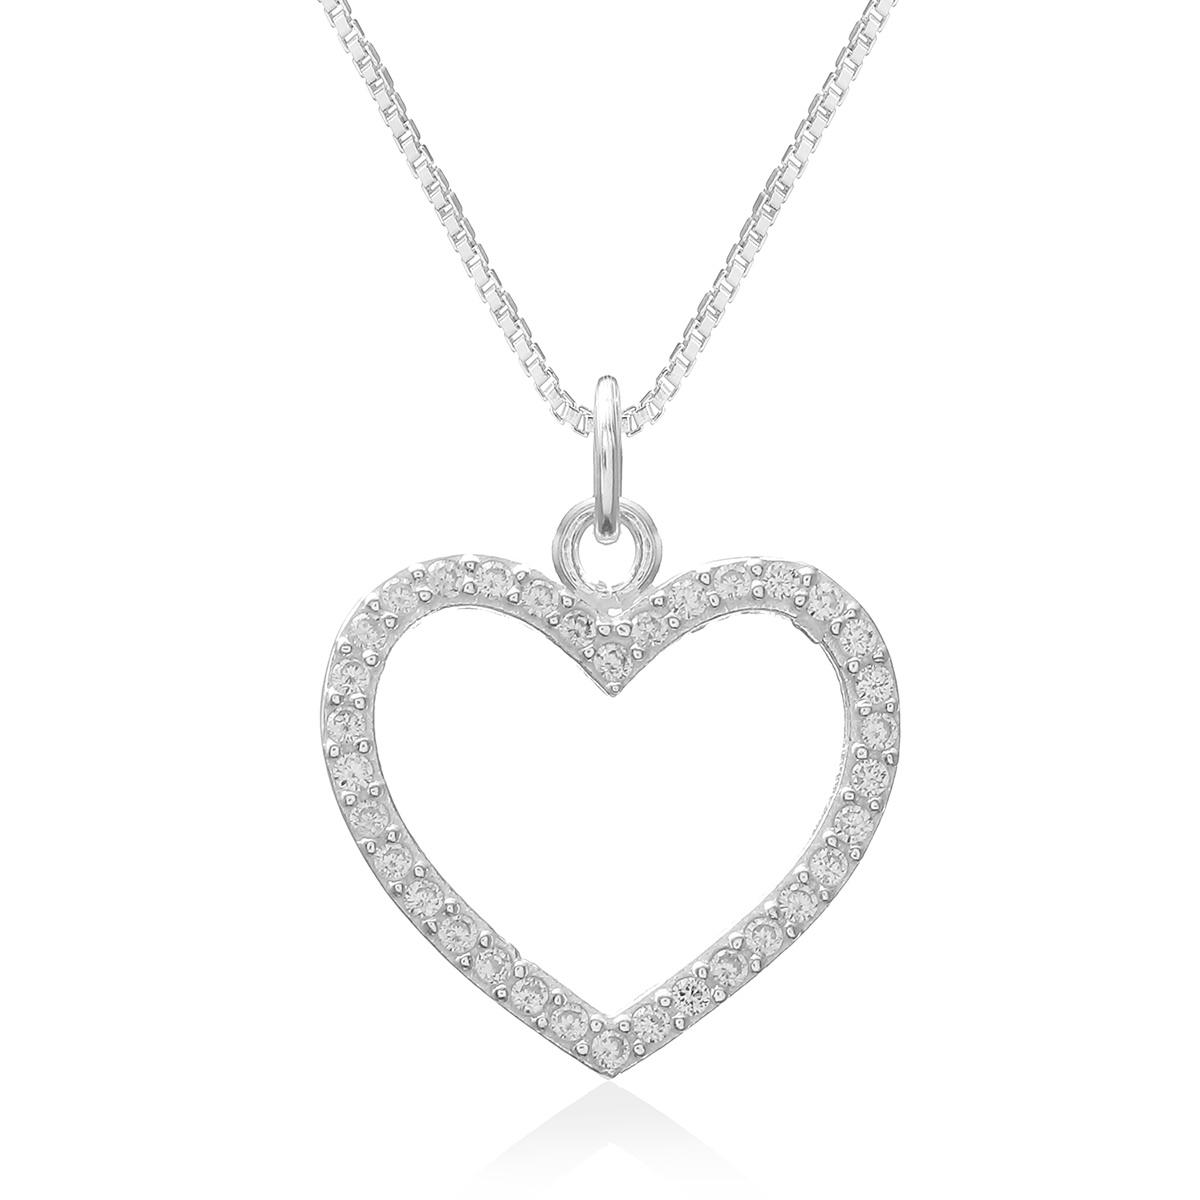 Colar Coração Branco Prata 925